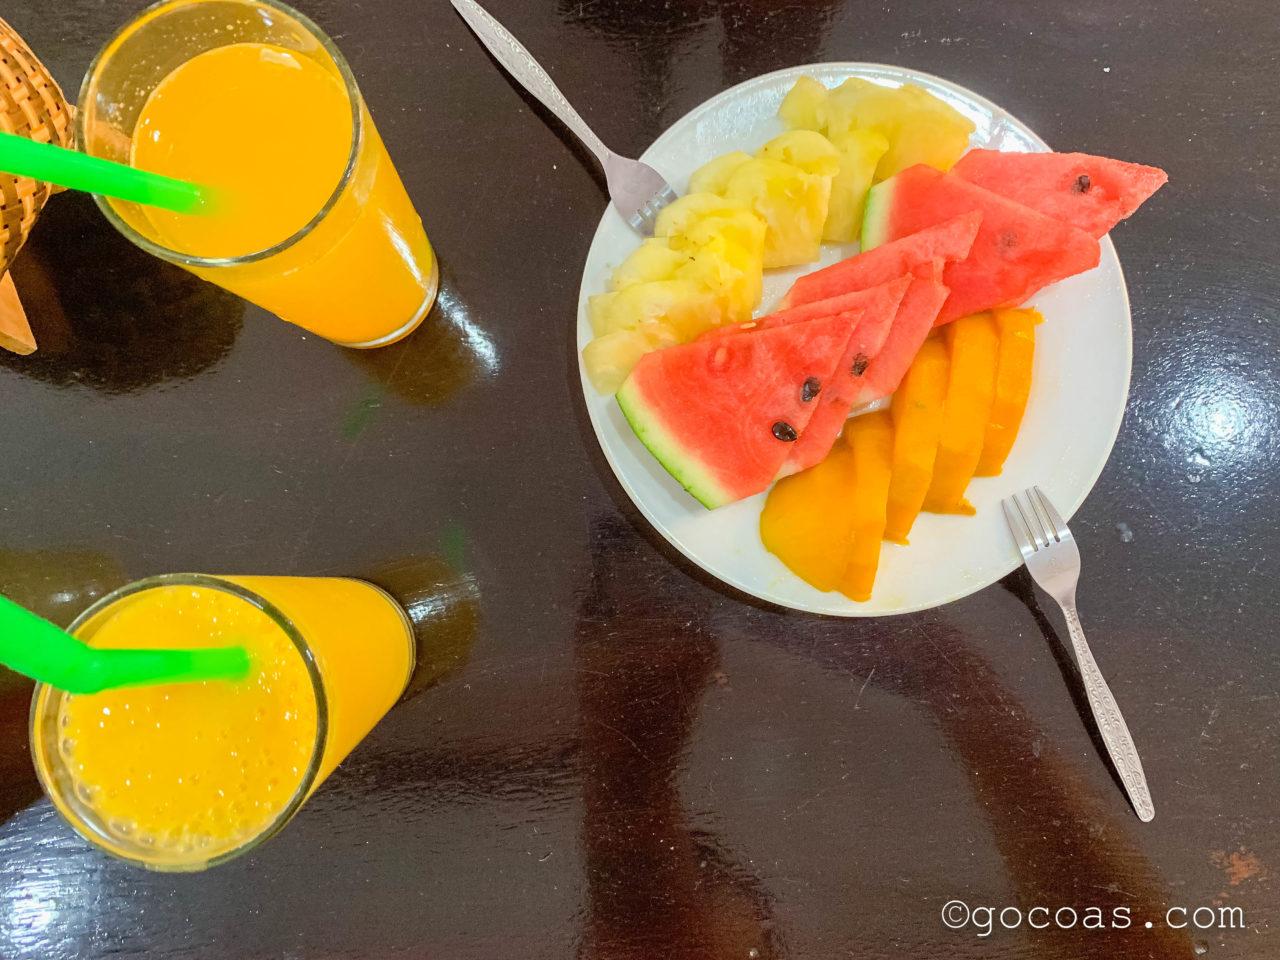 ルアンプラバーンホテルの朝食のジュースとフルーツプレート